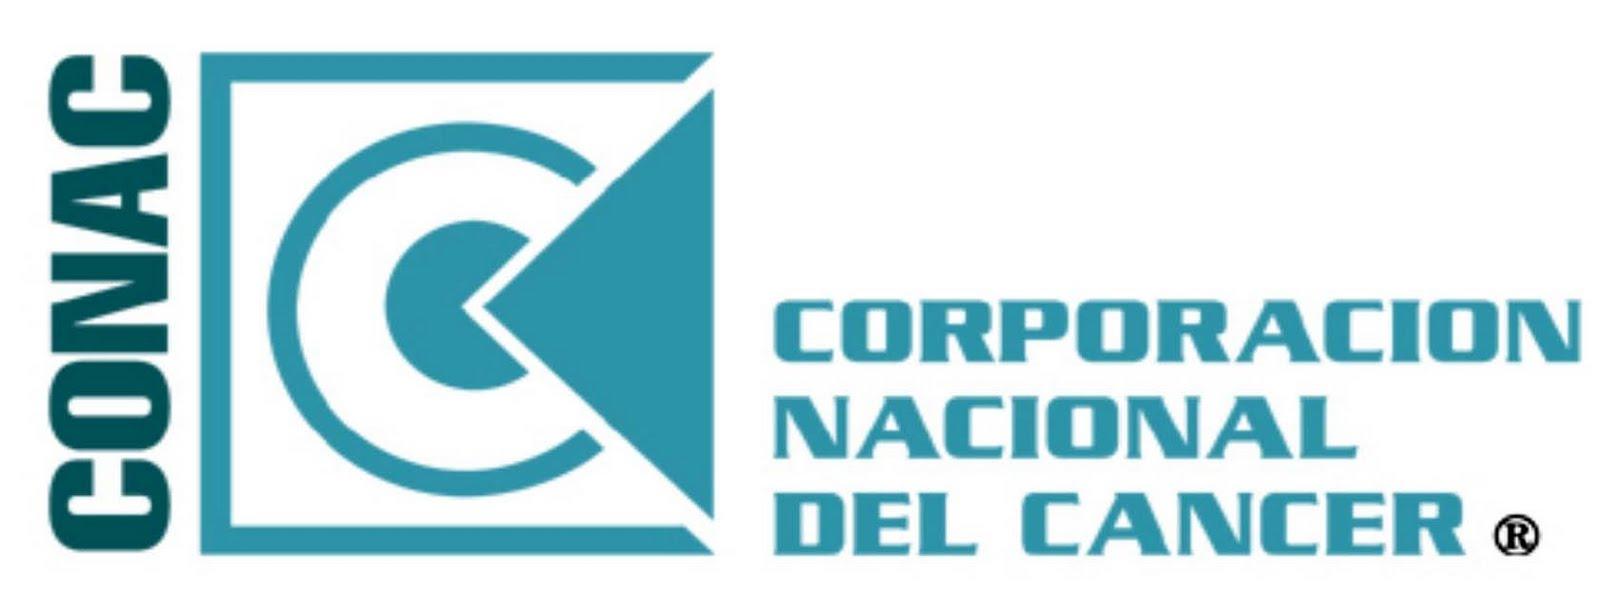 Corporación Nacional del Cáncer